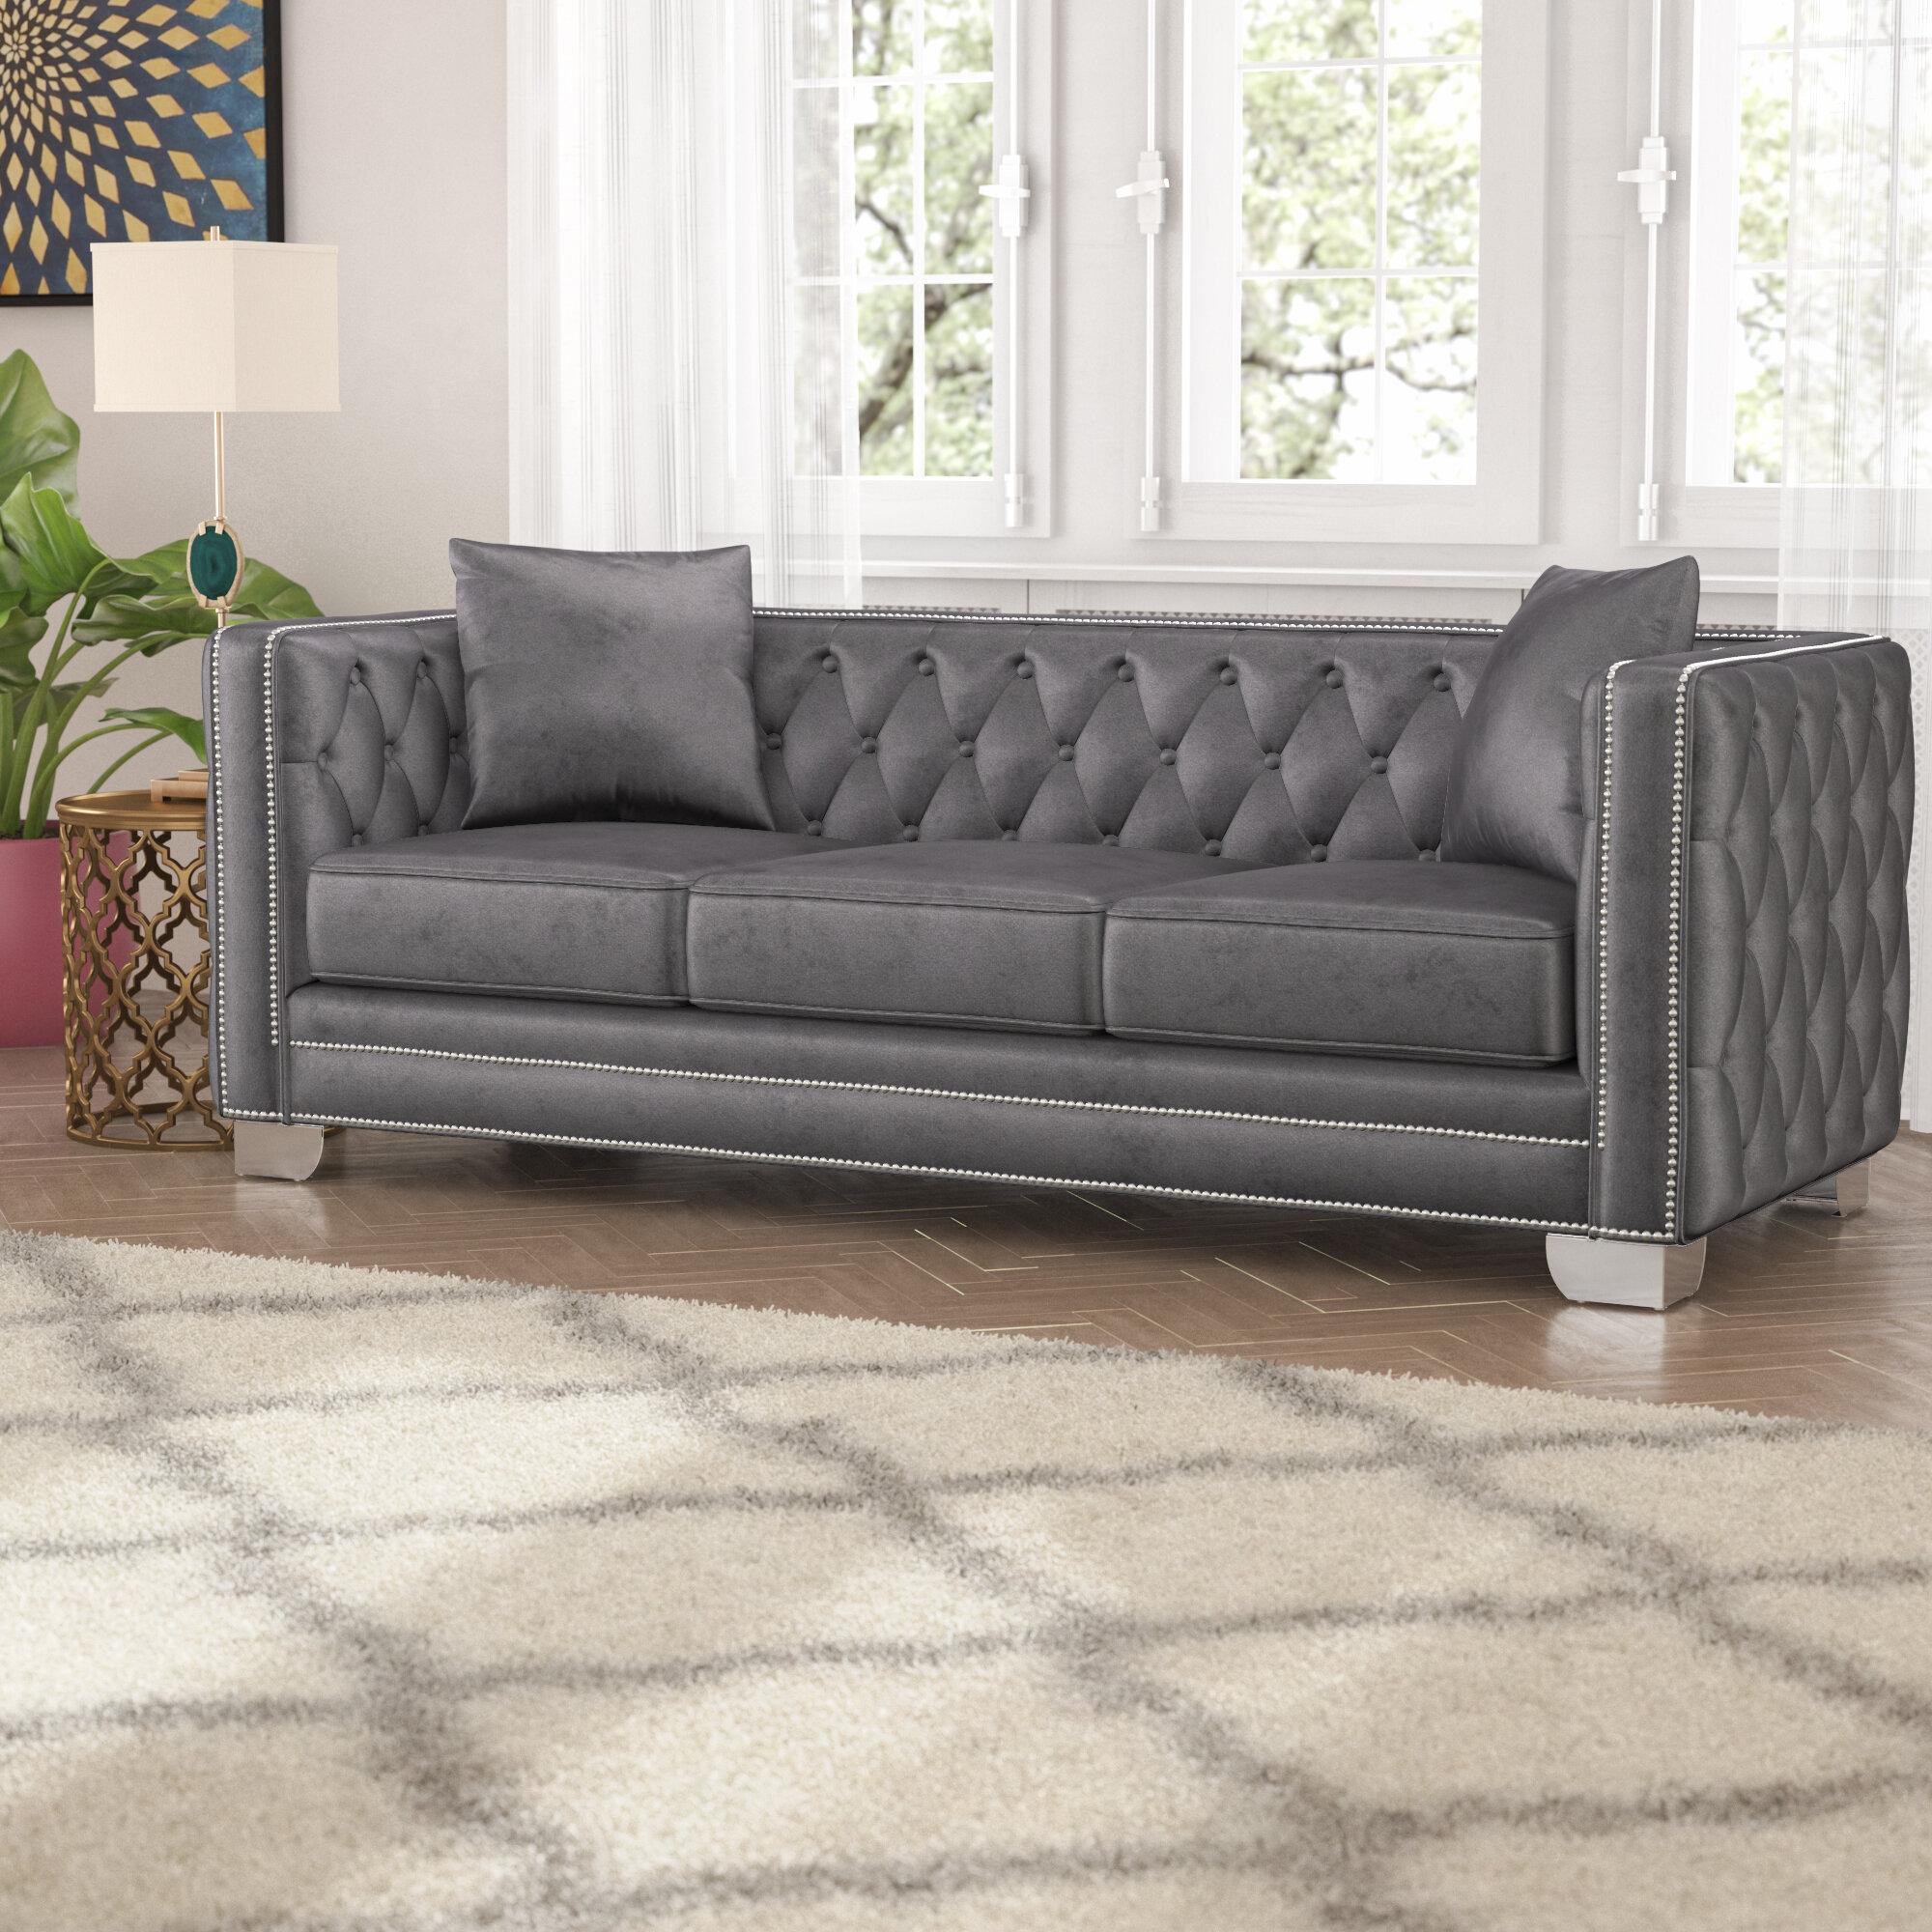 Sofa Atlanta: reviews, model review, manufacturer 24